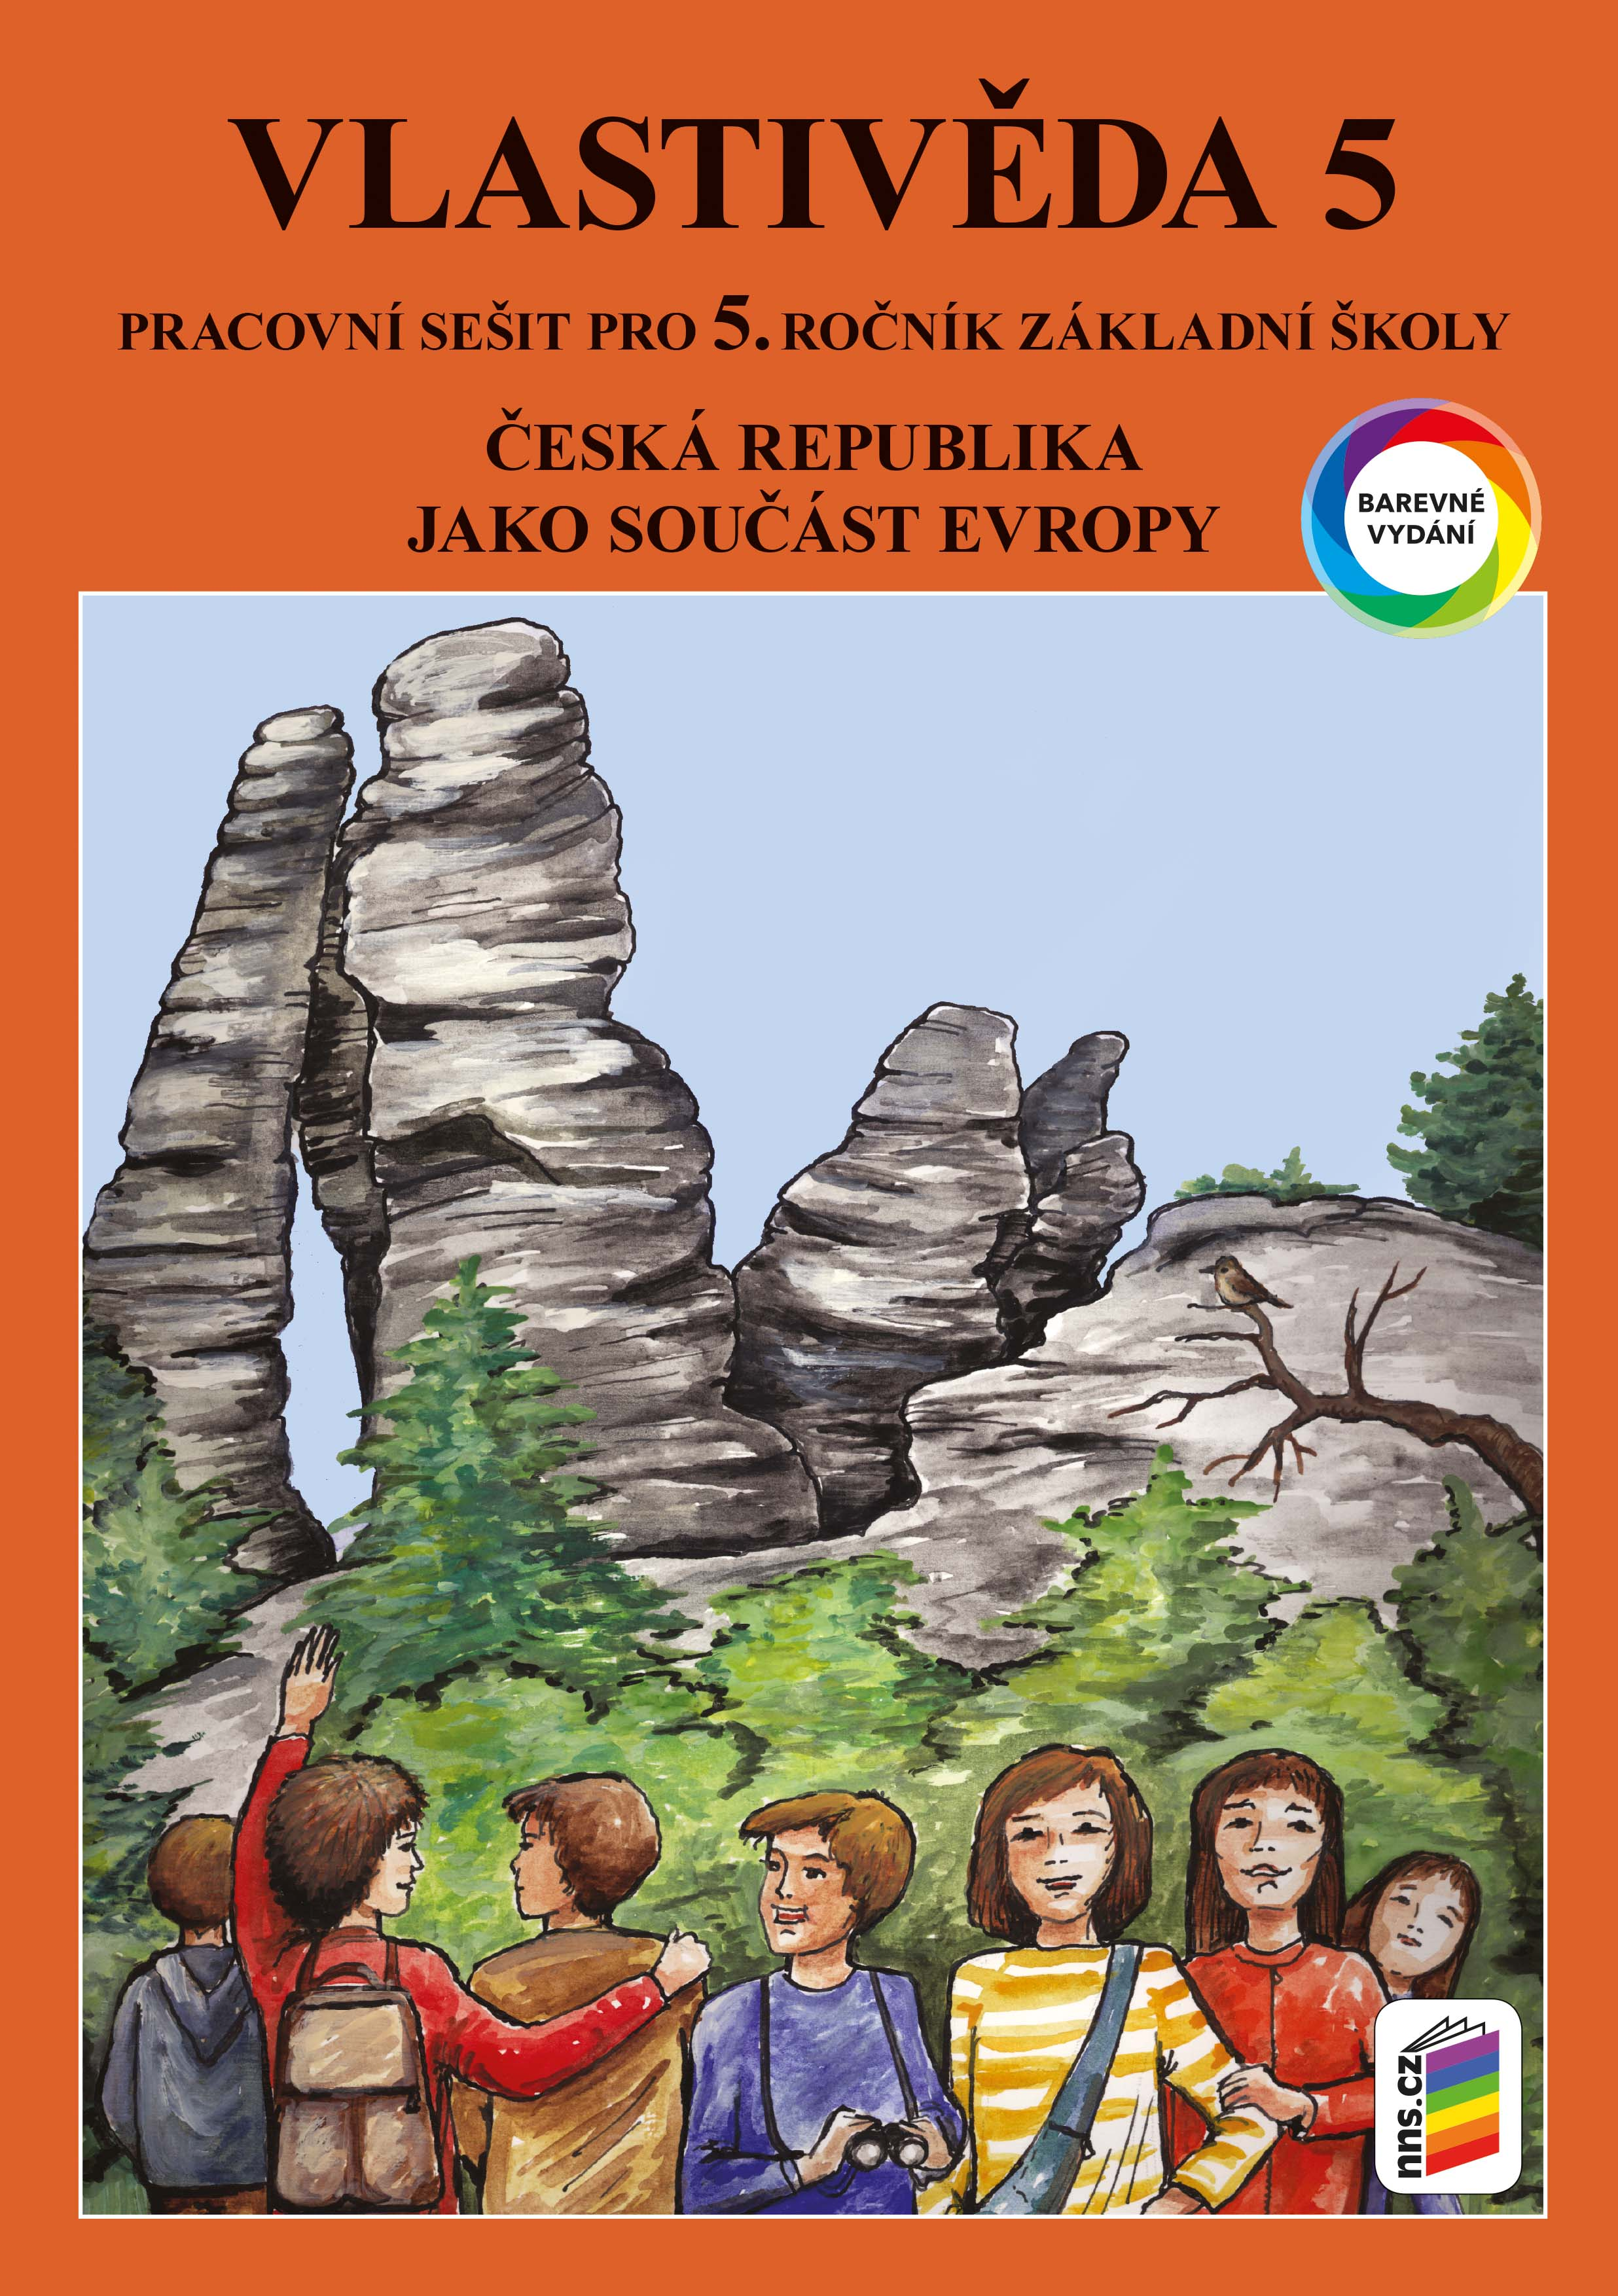 Vlastivěda 5 - ČR jako součást Evropy (barevný pracovní sešit)